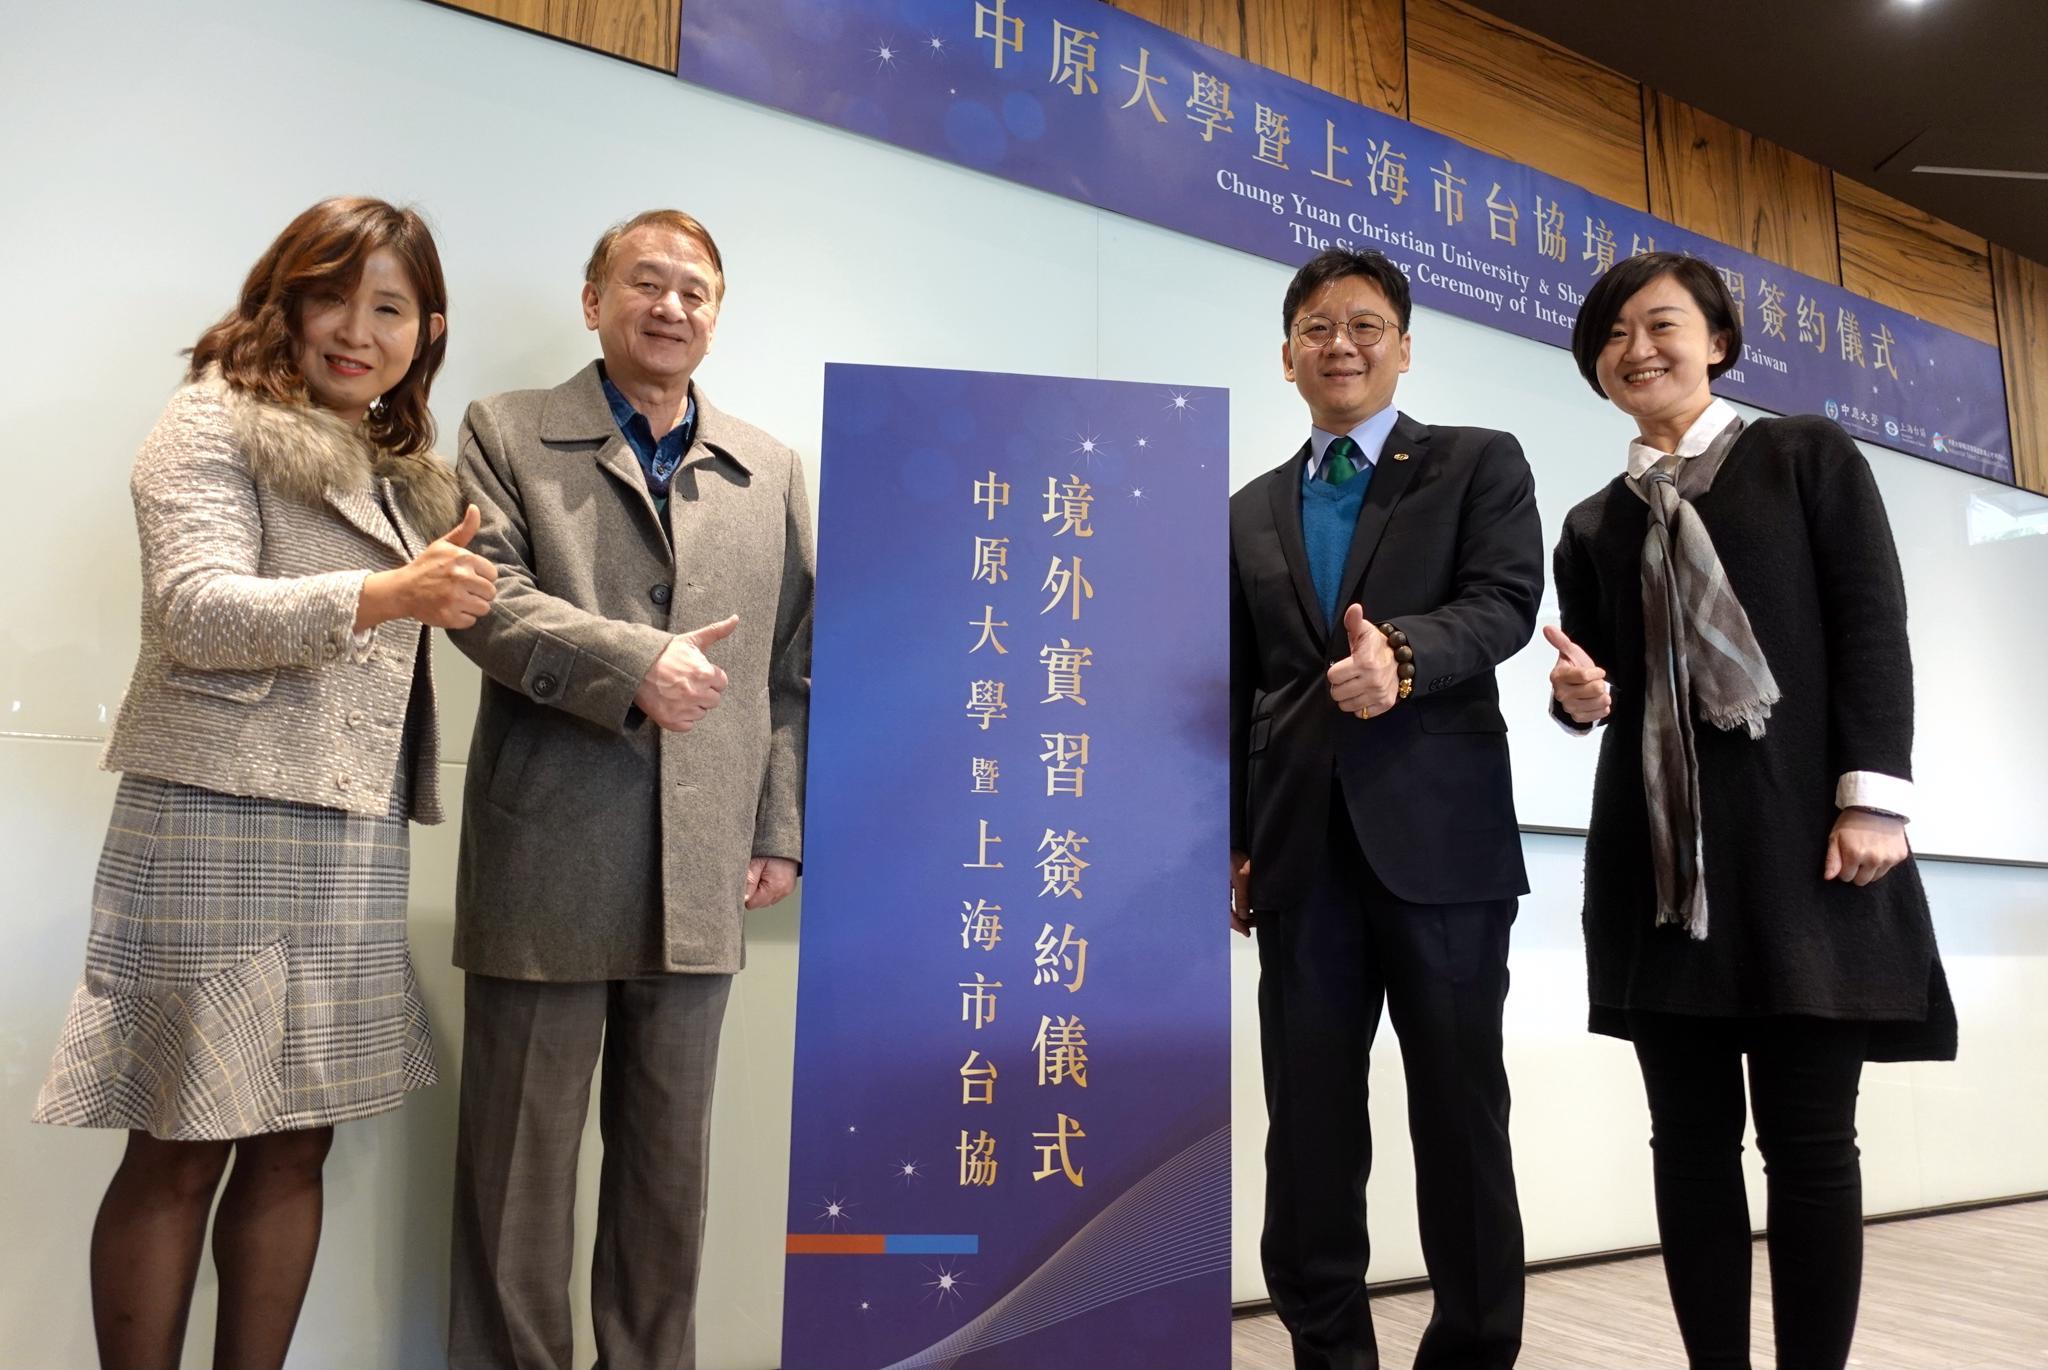 中原大學與上海台協簽訂MOU 提供學生實習機會培育優秀人才